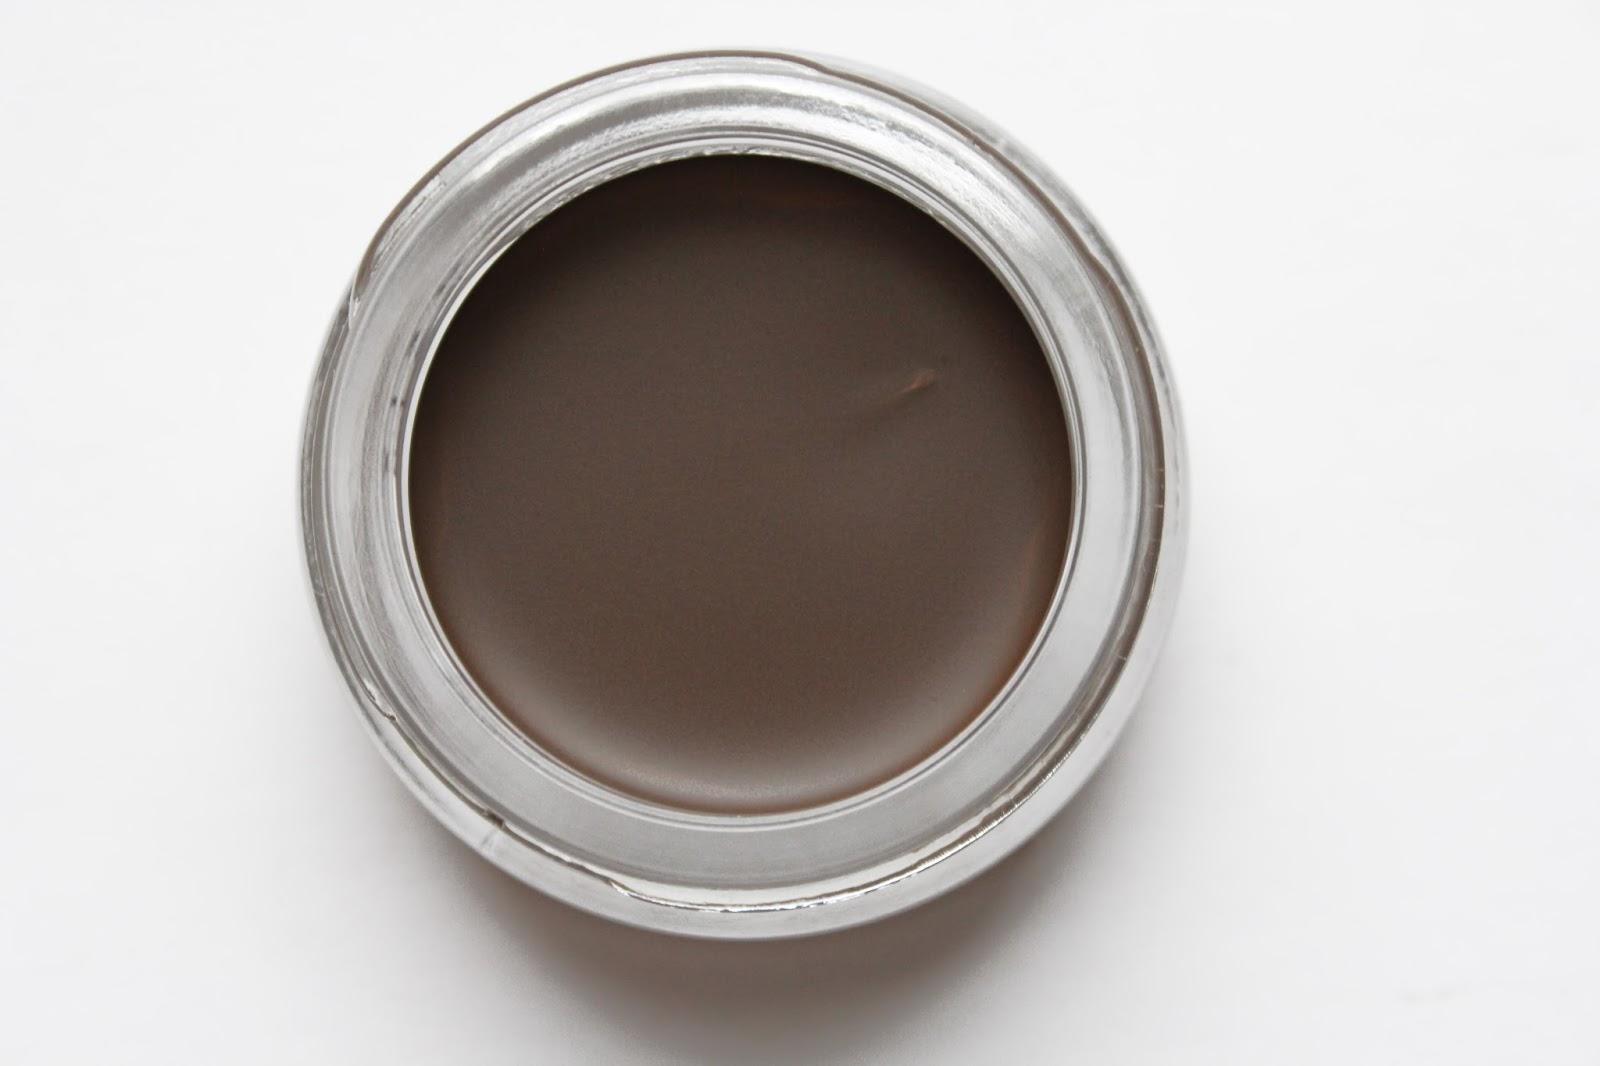 Помада для бровей коричневого цвета